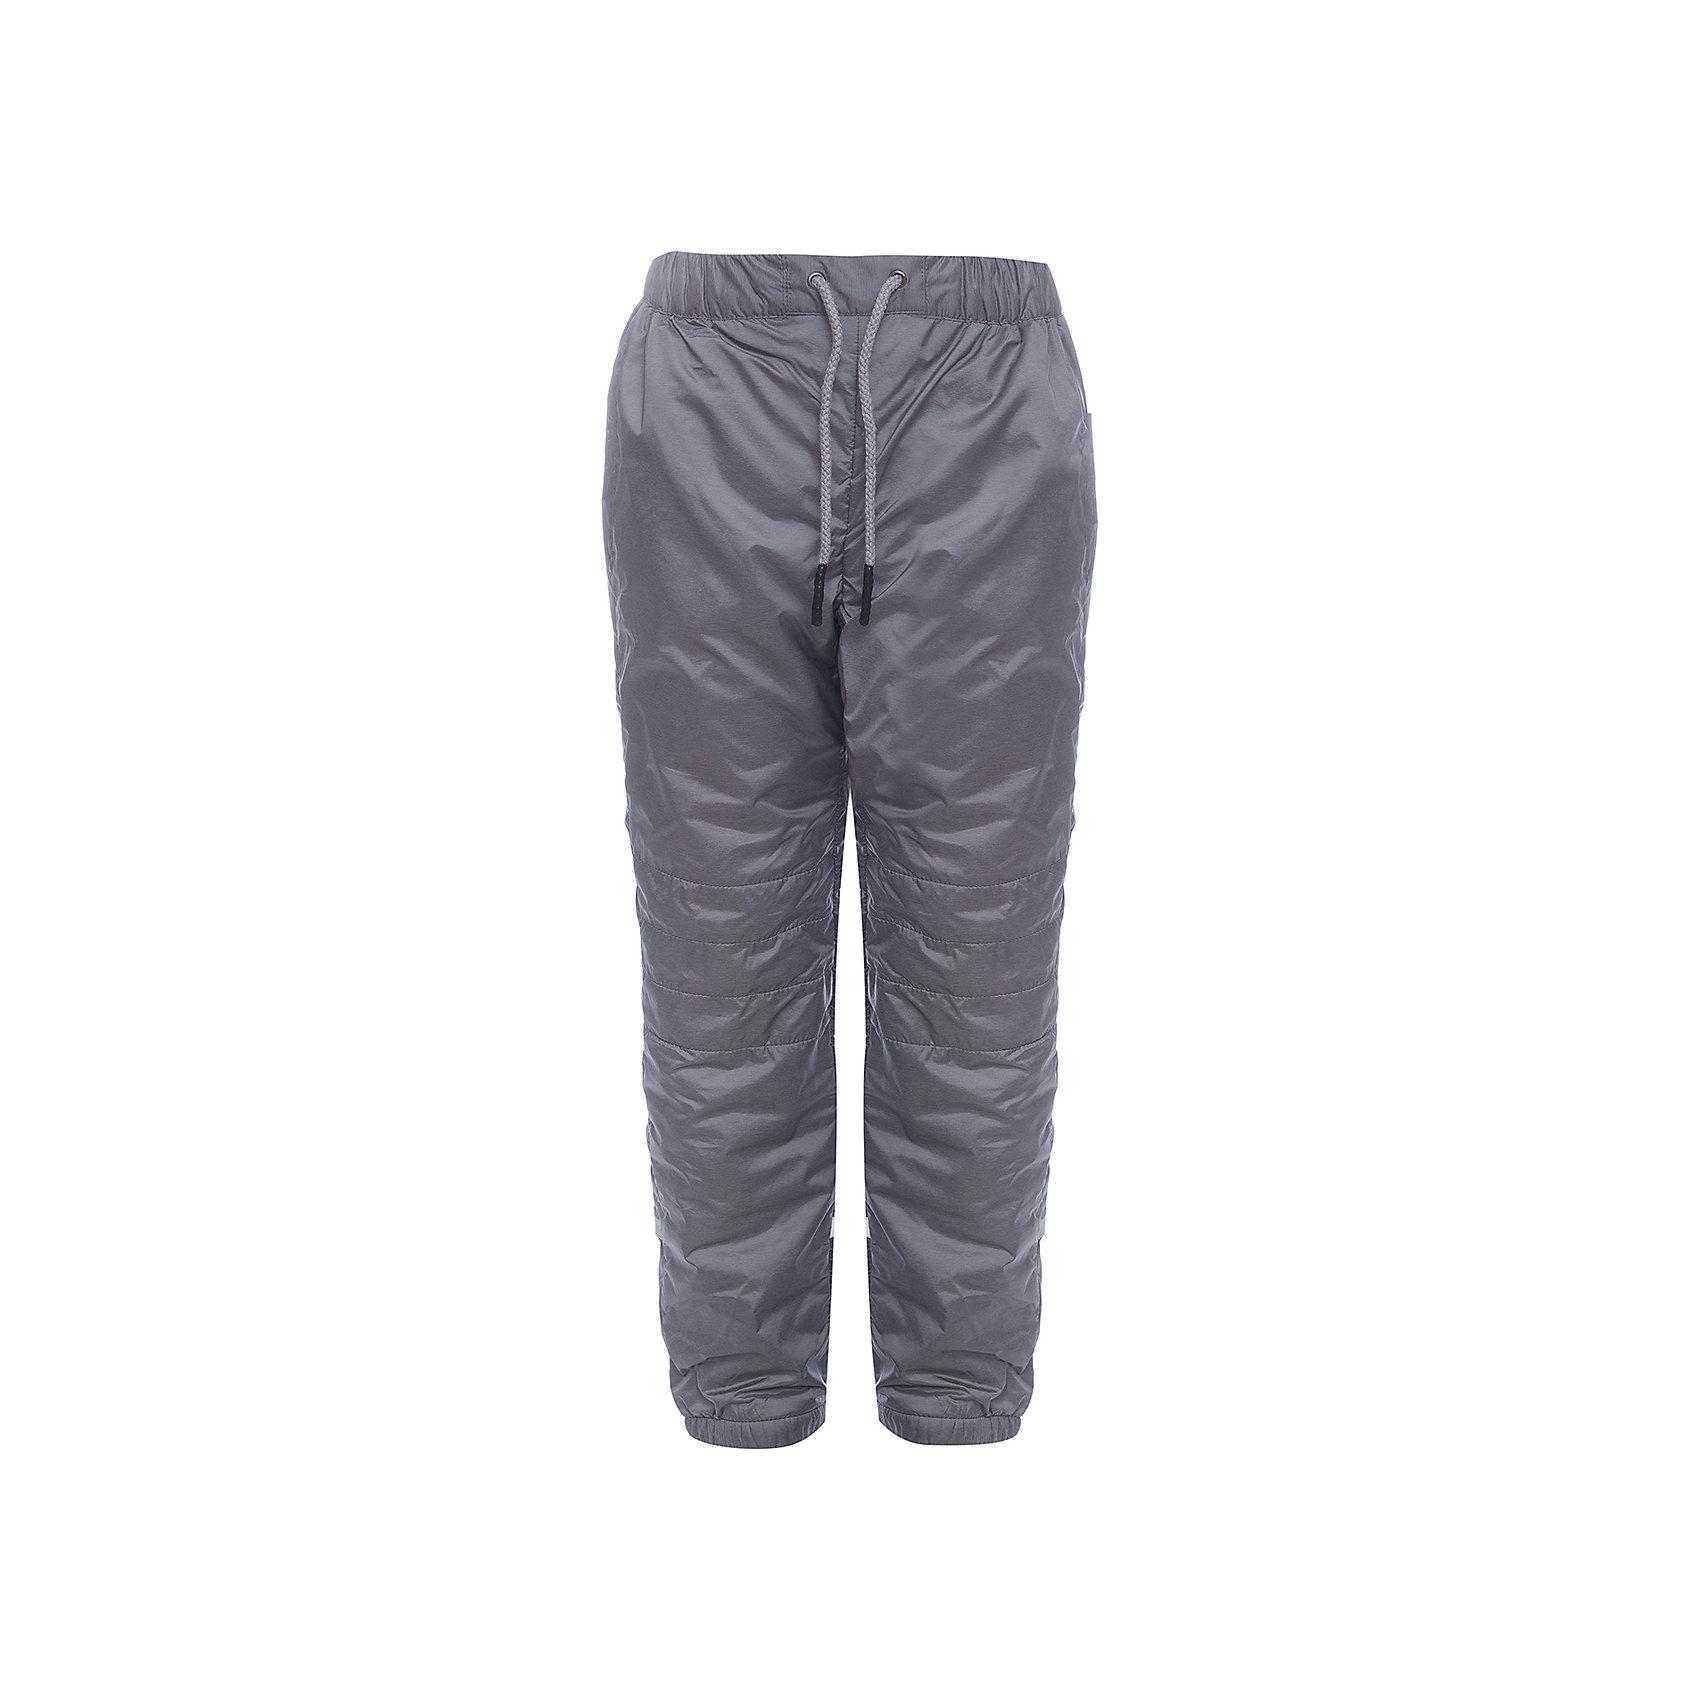 Брюки BOOM by Orby для мальчикаВерхняя одежда<br>Характеристики товара:<br><br>• цвет: серый<br>• ткань верха: Таффета pu milky<br>• подкладка: Флис<br>• без утеплителя<br>• сезон: демисезон<br>• температурный режим: от +5°до +15°С<br>• особенности одежды: на резинке<br>• тип брюк: с флисовой подкладкой<br>• пояс: резинка<br>• карманы: втачные<br>• страна бренда: Россия<br>• страна изготовитель: Россия<br><br>Демисезонные брюки на флисовой подкладке отлично подходят для ношения в демисезон. Такие брюки для мальчика стильно смотрятся и удобно сидят. Есть вместительные карманы. <br><br>Брюки BOOM by Orby для мальчика можно купить в нашем интернет-магазине.<br><br>Ширина мм: 215<br>Глубина мм: 88<br>Высота мм: 191<br>Вес г: 336<br>Цвет: серый<br>Возраст от месяцев: 168<br>Возраст до месяцев: 180<br>Пол: Мужской<br>Возраст: Детский<br>Размер: 170,86,92,104,110,98,116,122,128,134,140,146,152,158,164<br>SKU: 7007532